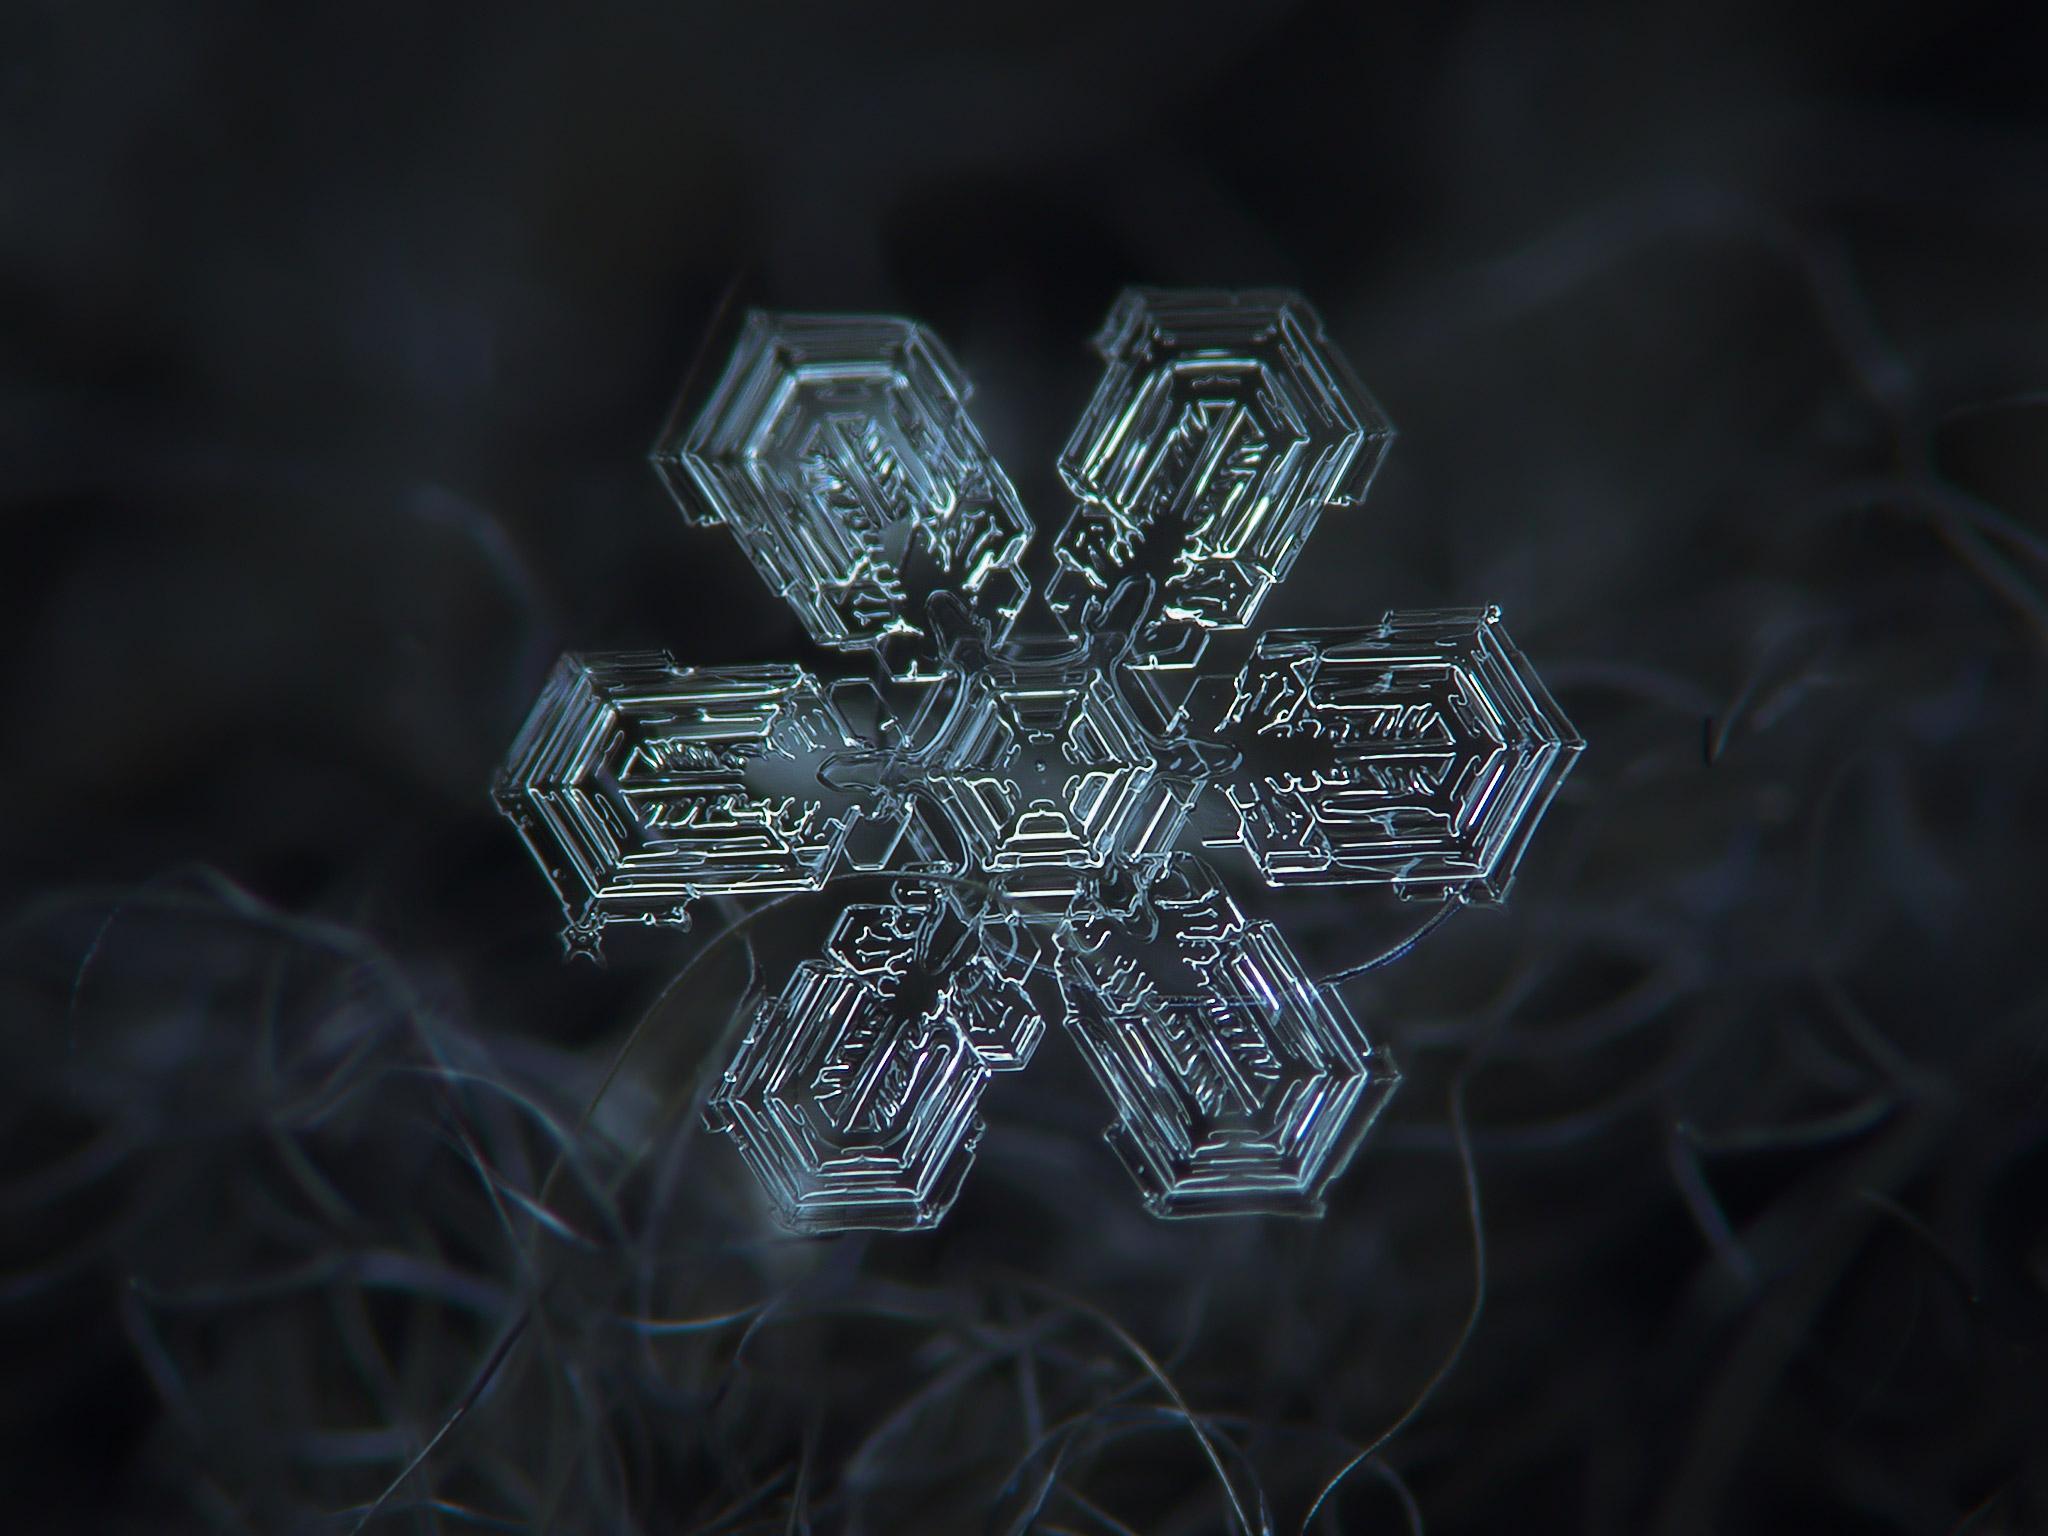 magnified-snowflakes-alexey-kljatov-03